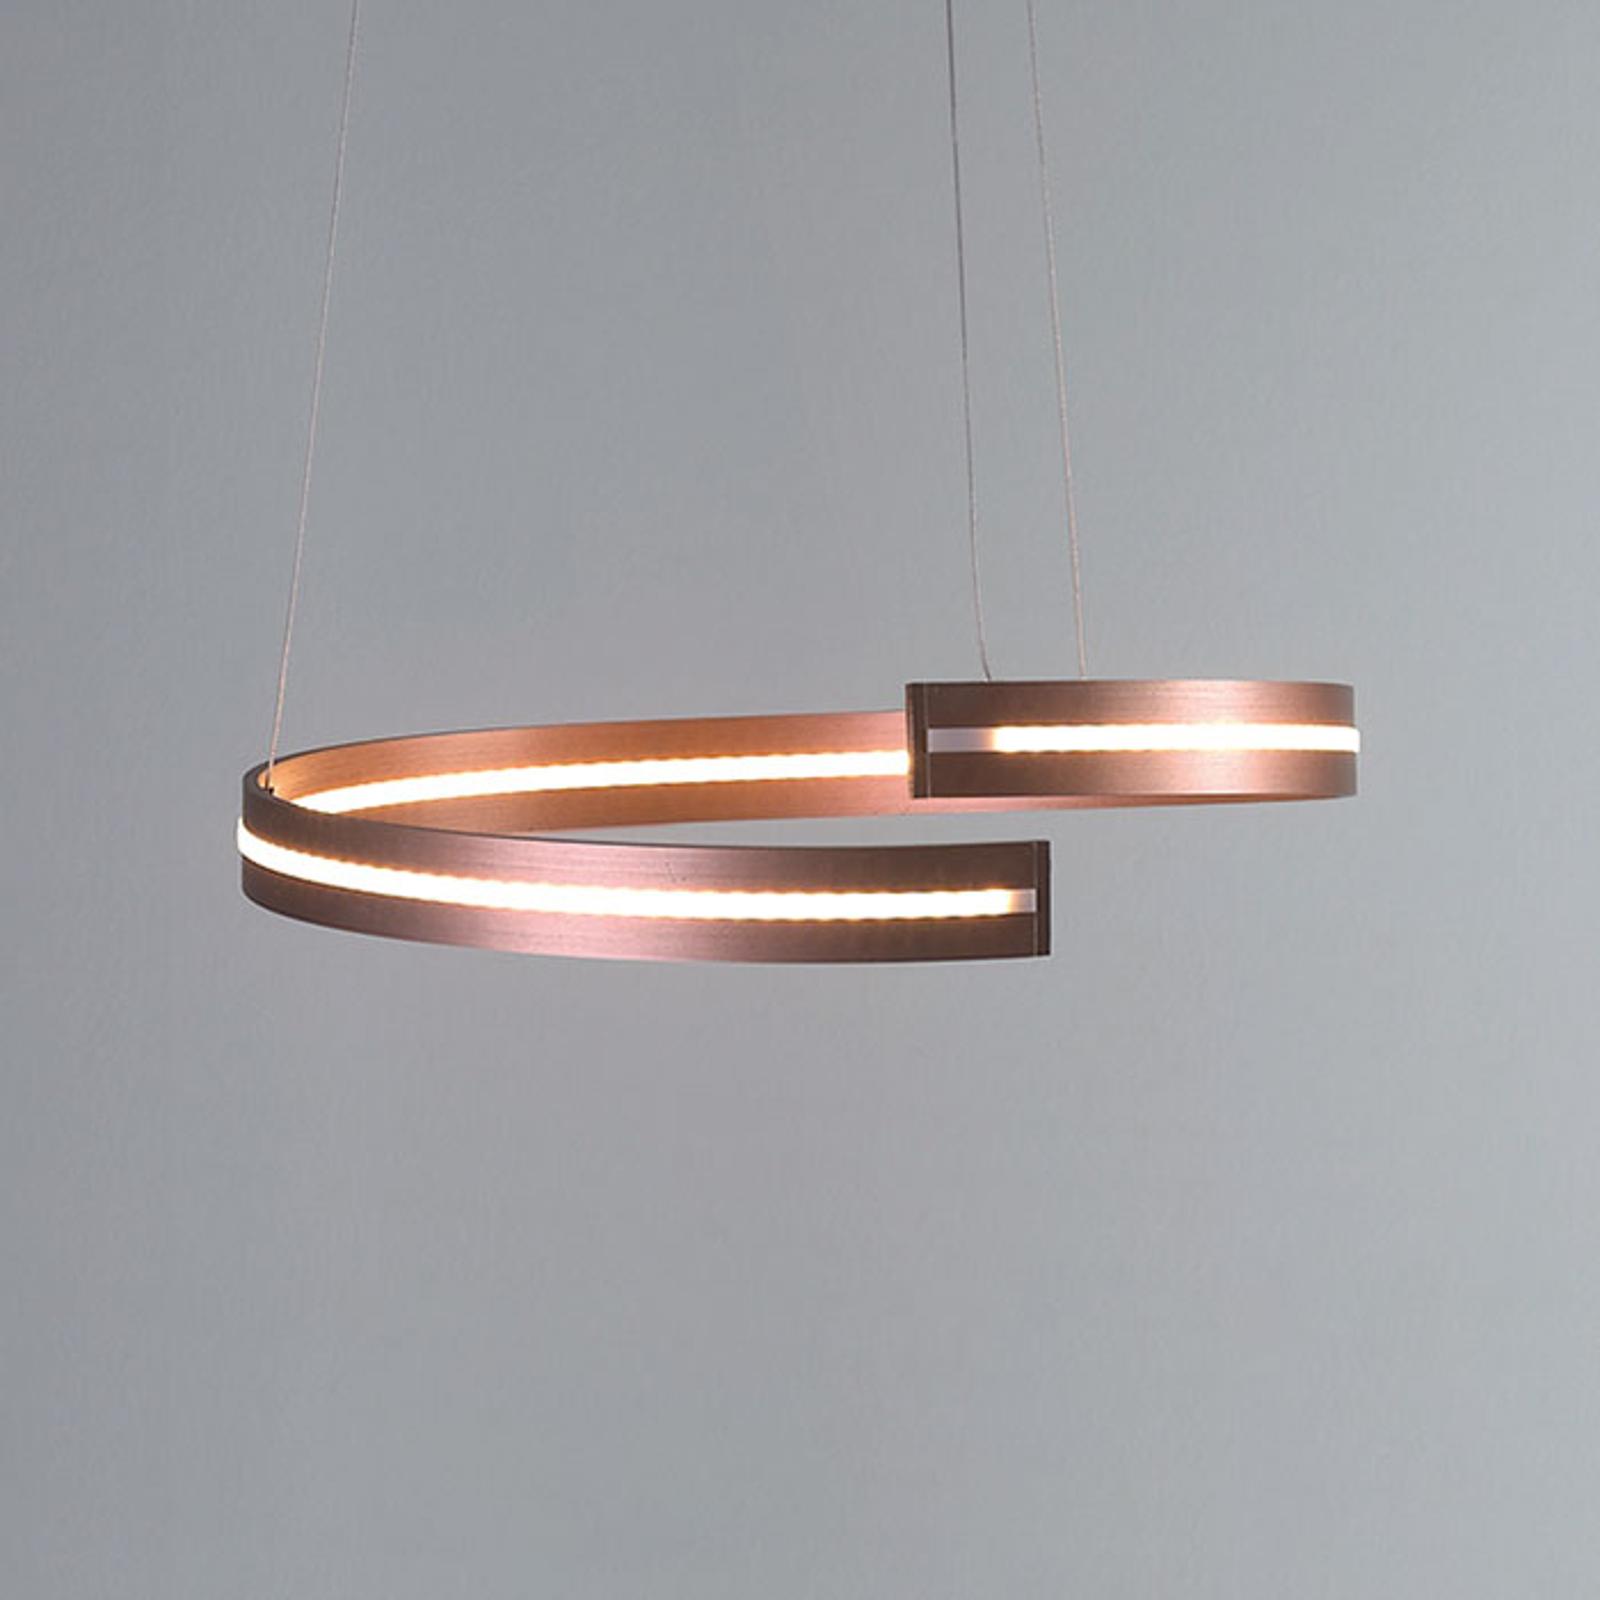 Bopp Break - LED-Hängeleuchte, 40 cm roségold